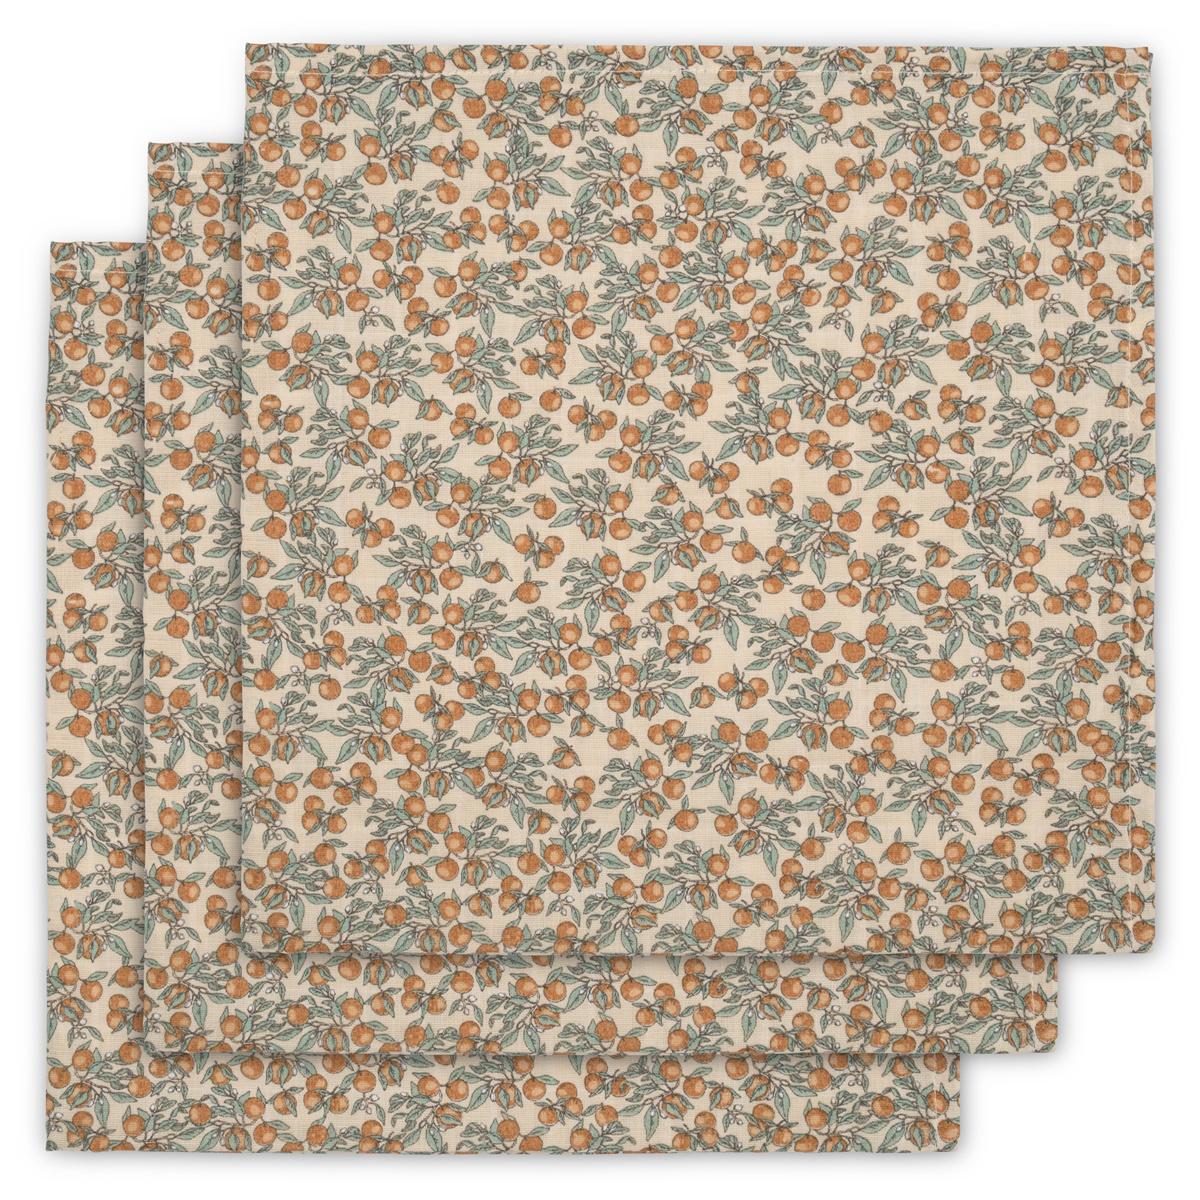 swaddles/hydrofiele doekjes set van 3 - orangery beige-1